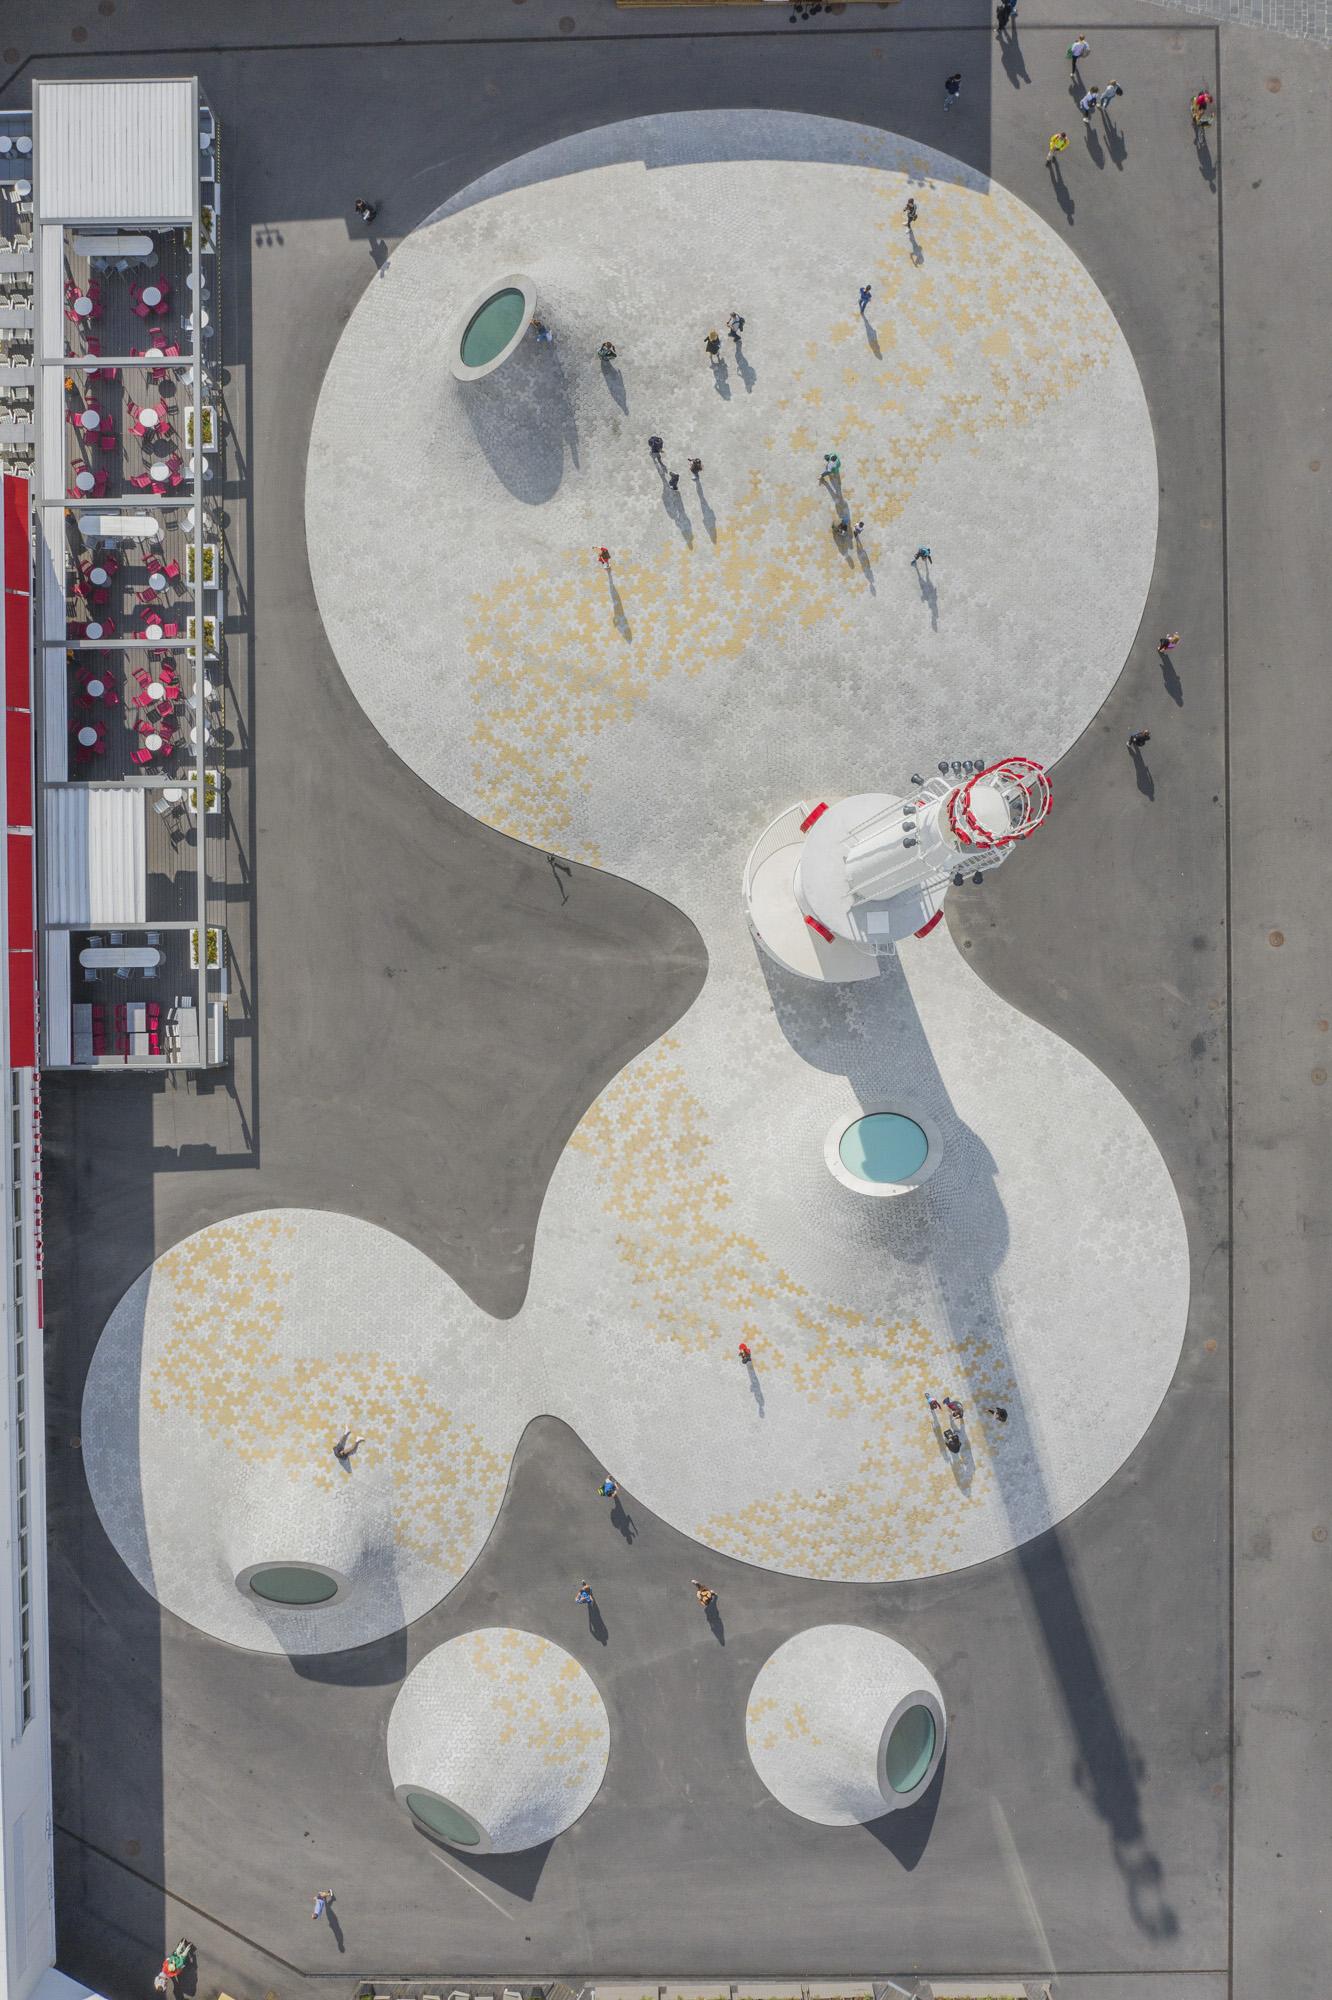 Finnland, Helsinki, Lasipalatsi Platz. Moderne Architektur über dem unterirdischen Amos Anderson Museum, Luftaufnahme